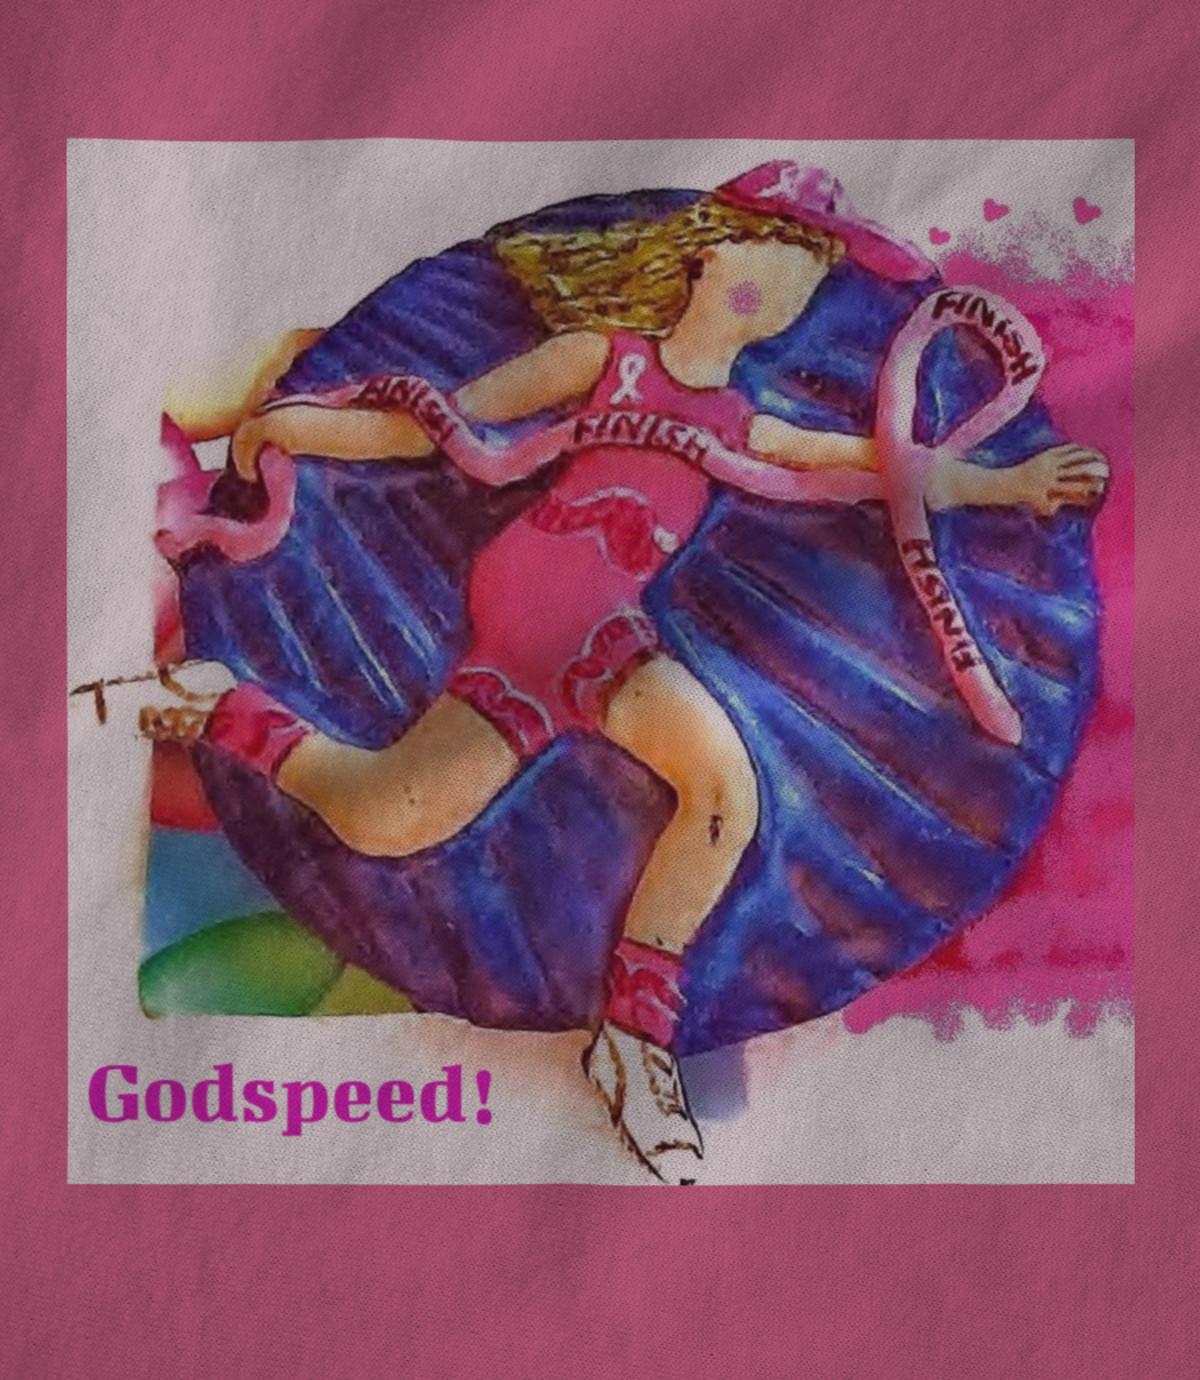 Matthew f  blowers iii godspeed  1505403875